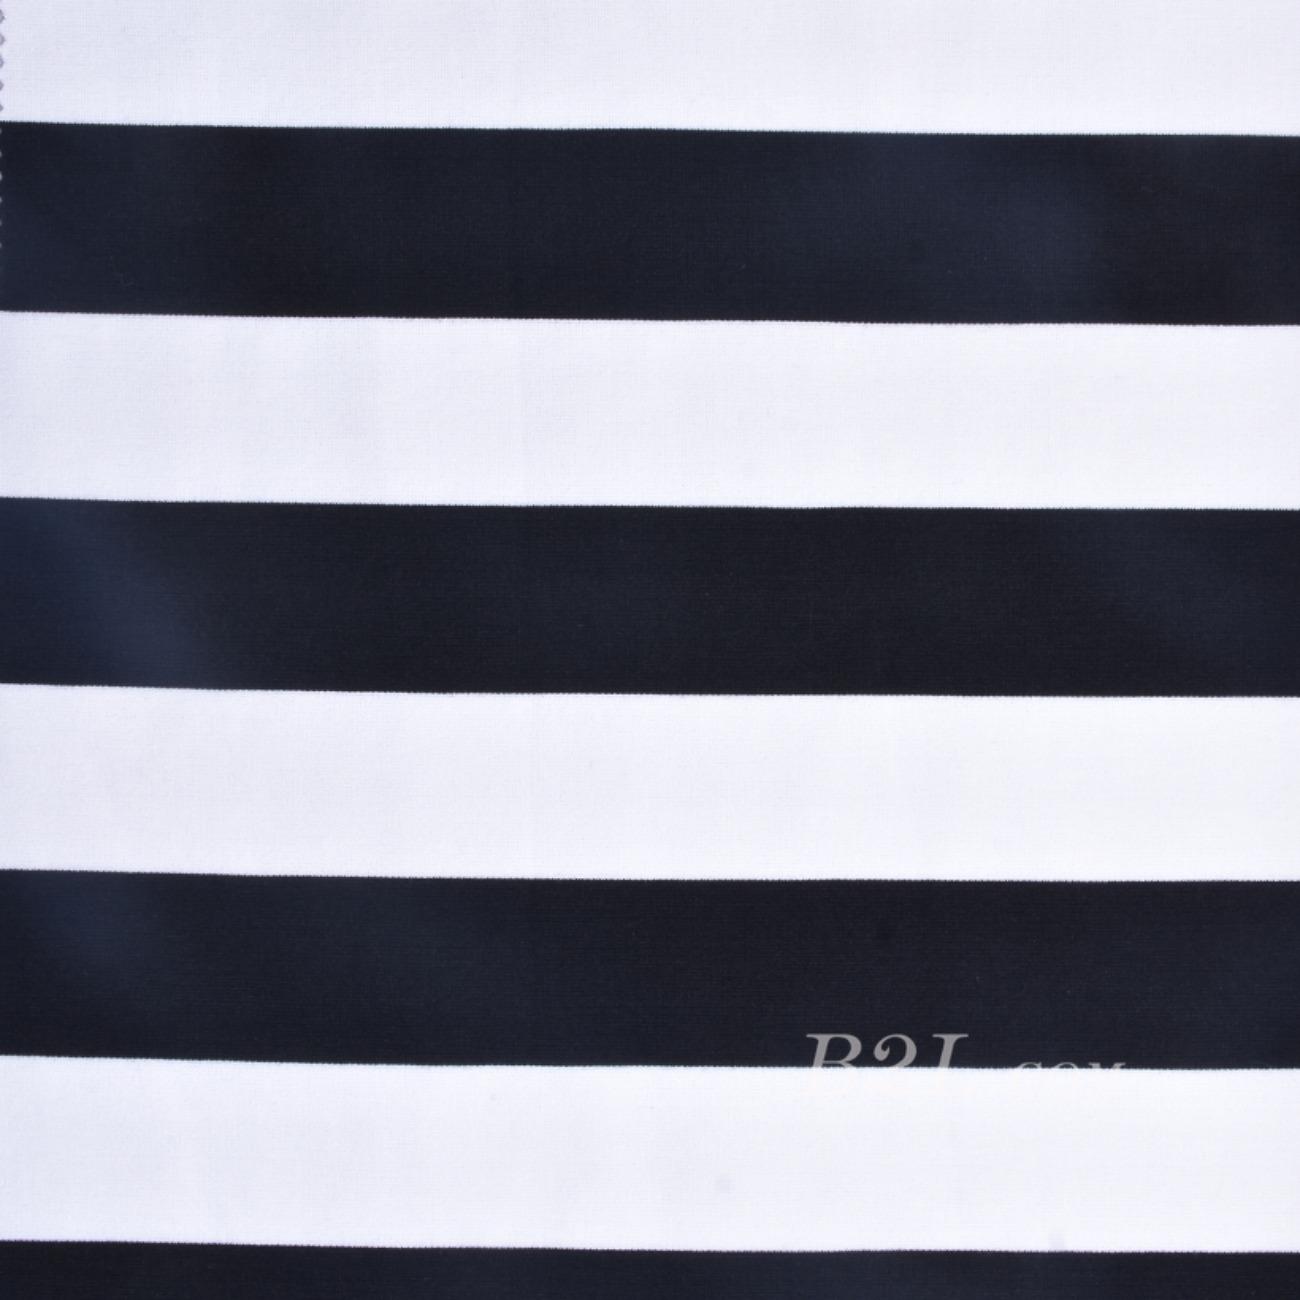 条子 针织 弹力横条圆机 纬编T恤 棉感 连衣裙 针织衫 60311-2